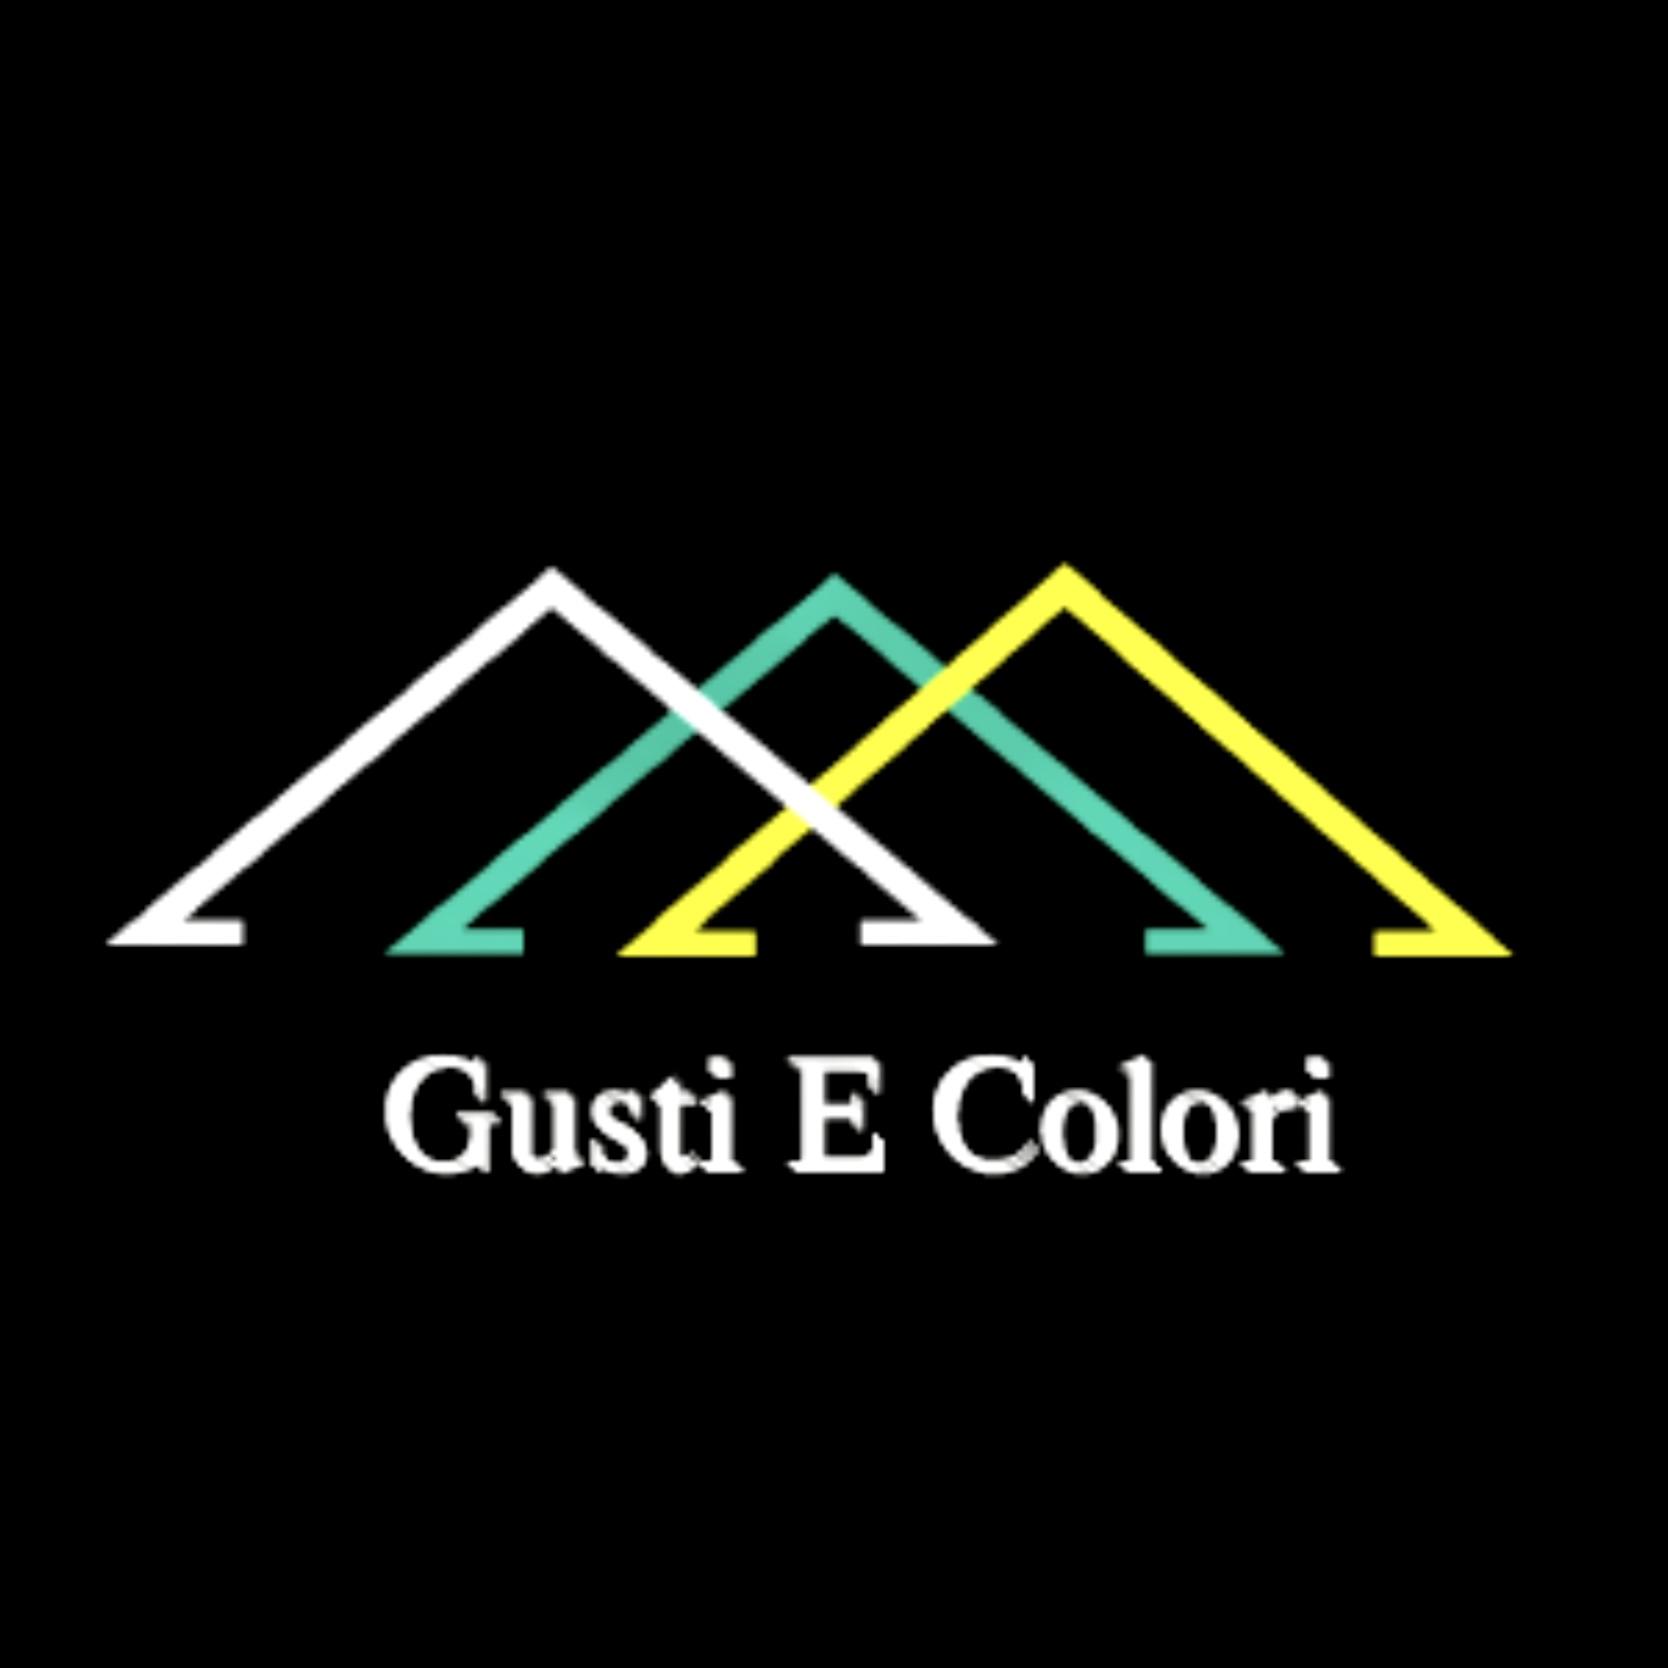 Gusti e Colori